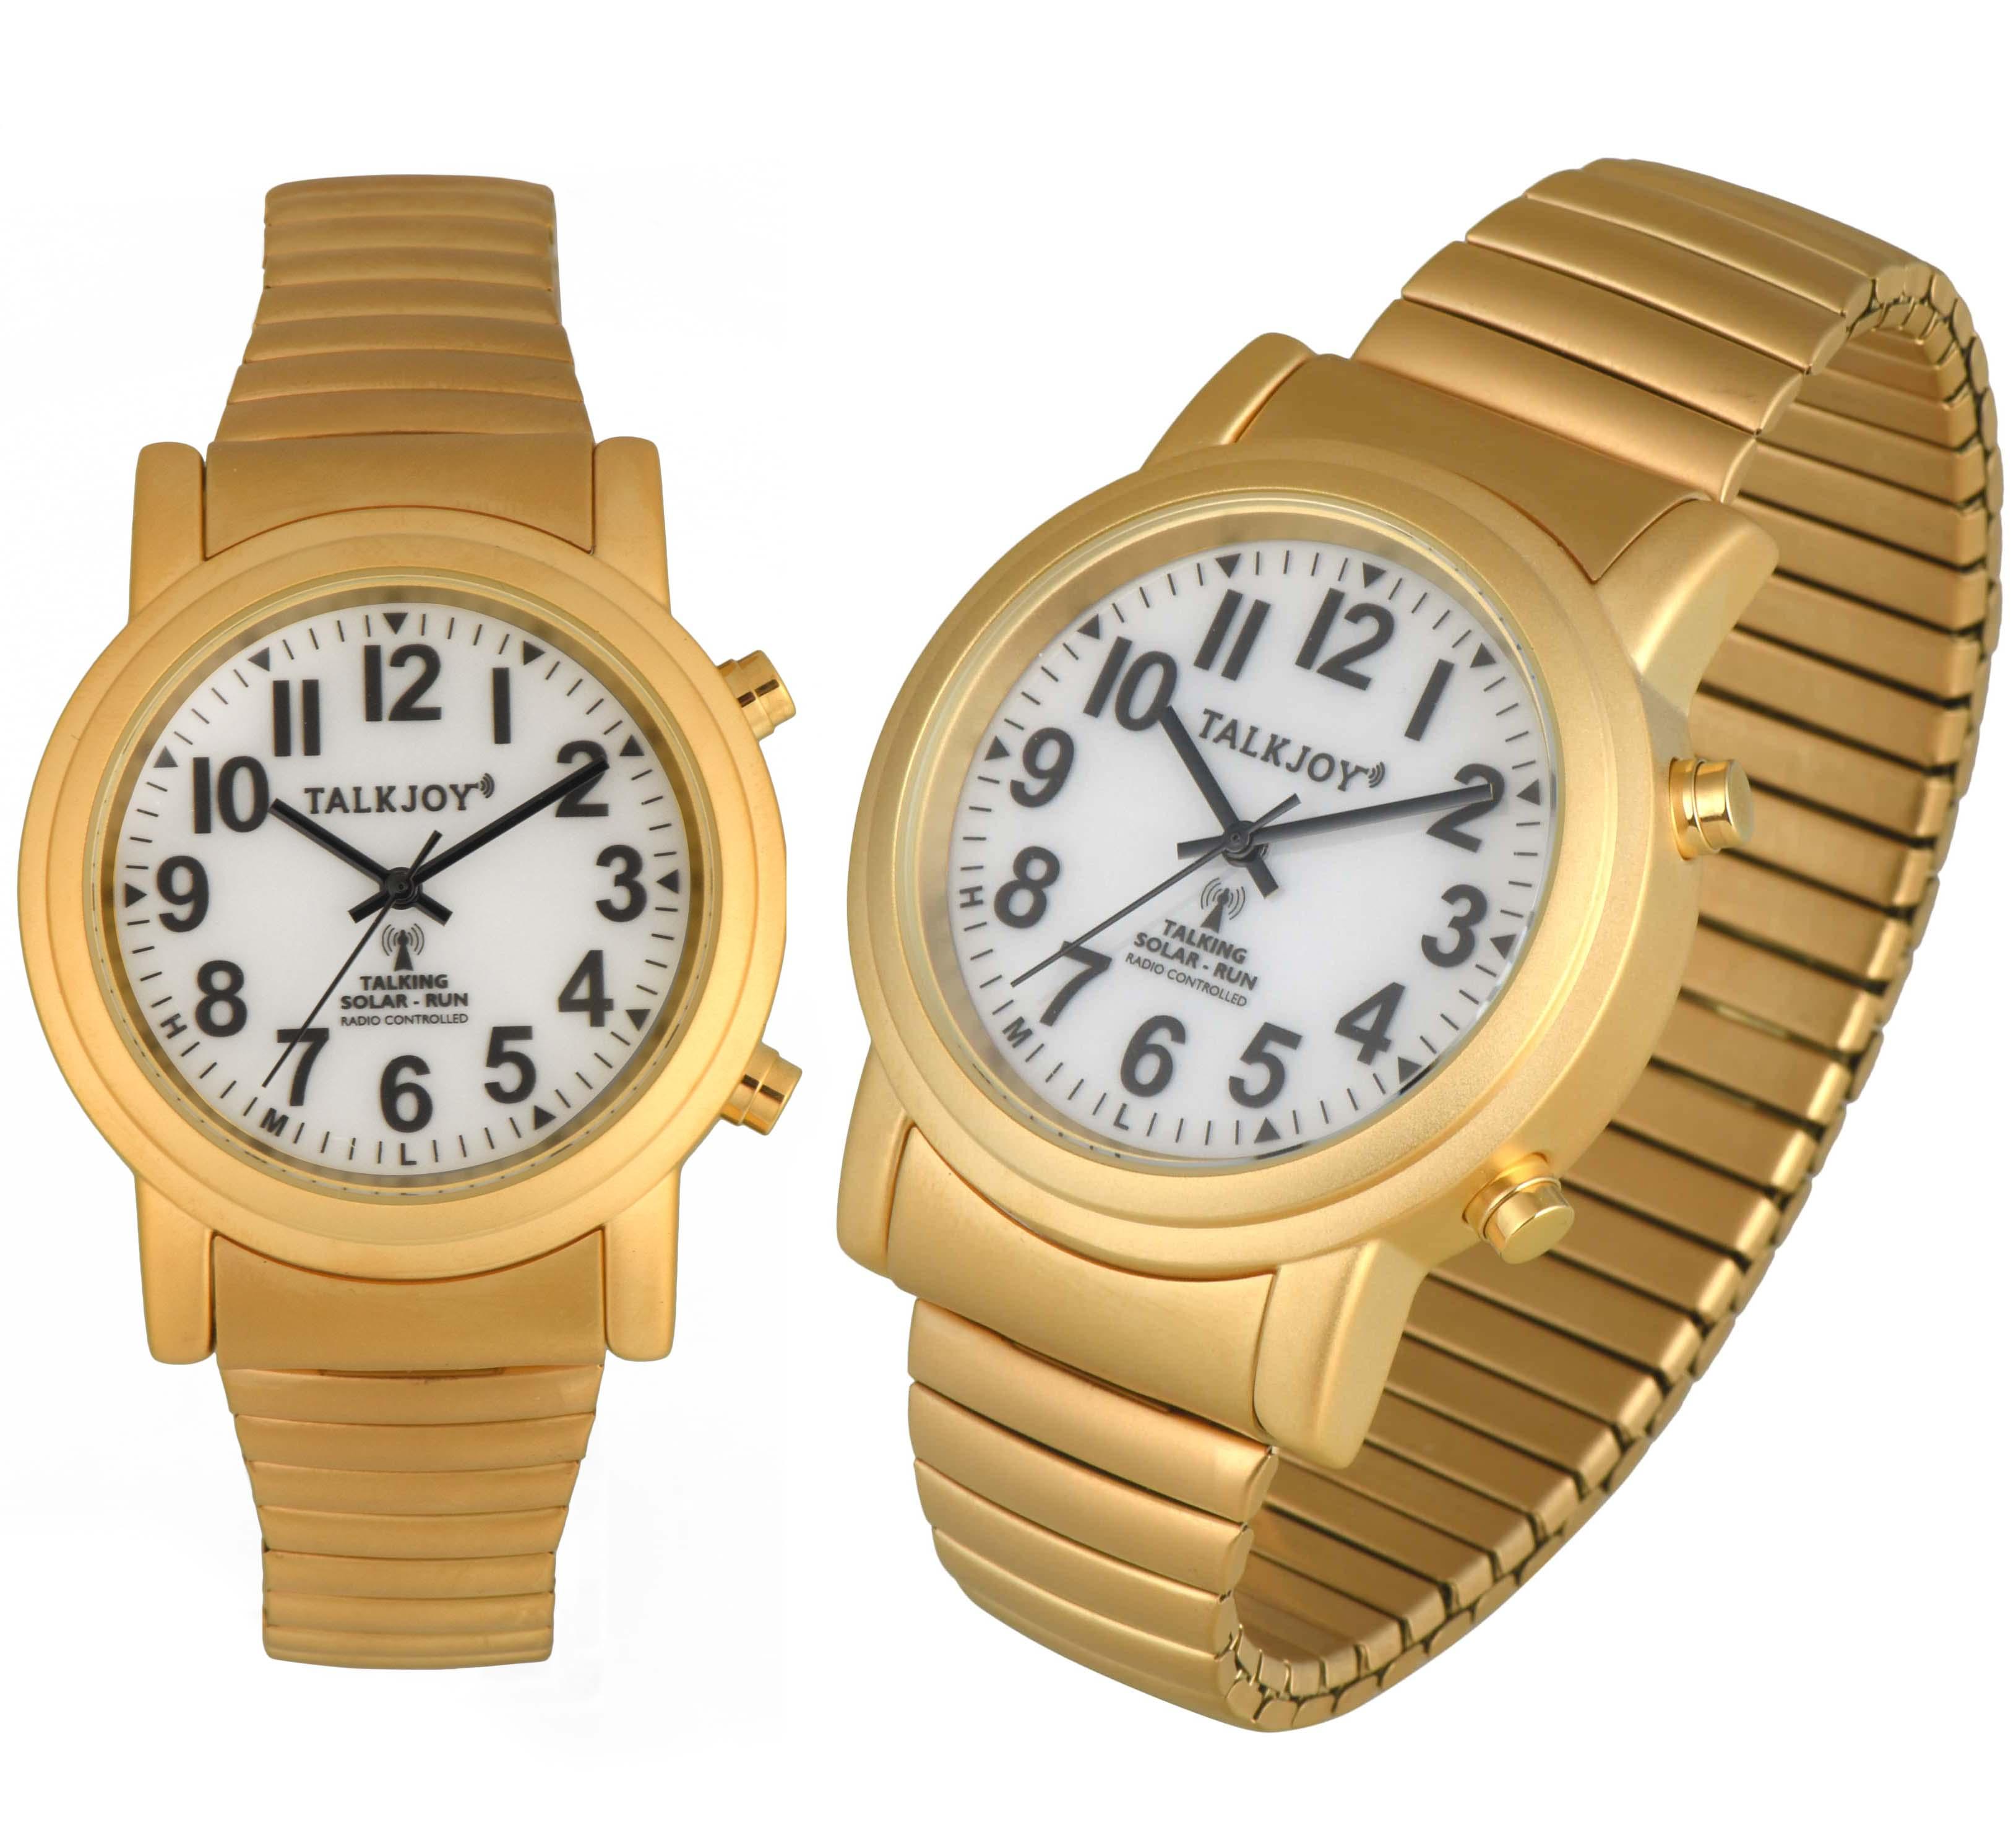 SOLAR Funkuhr Funkarmbanduhr Zeitansage GOLDENE Sprechende Uhr Armbanduhr Blinde